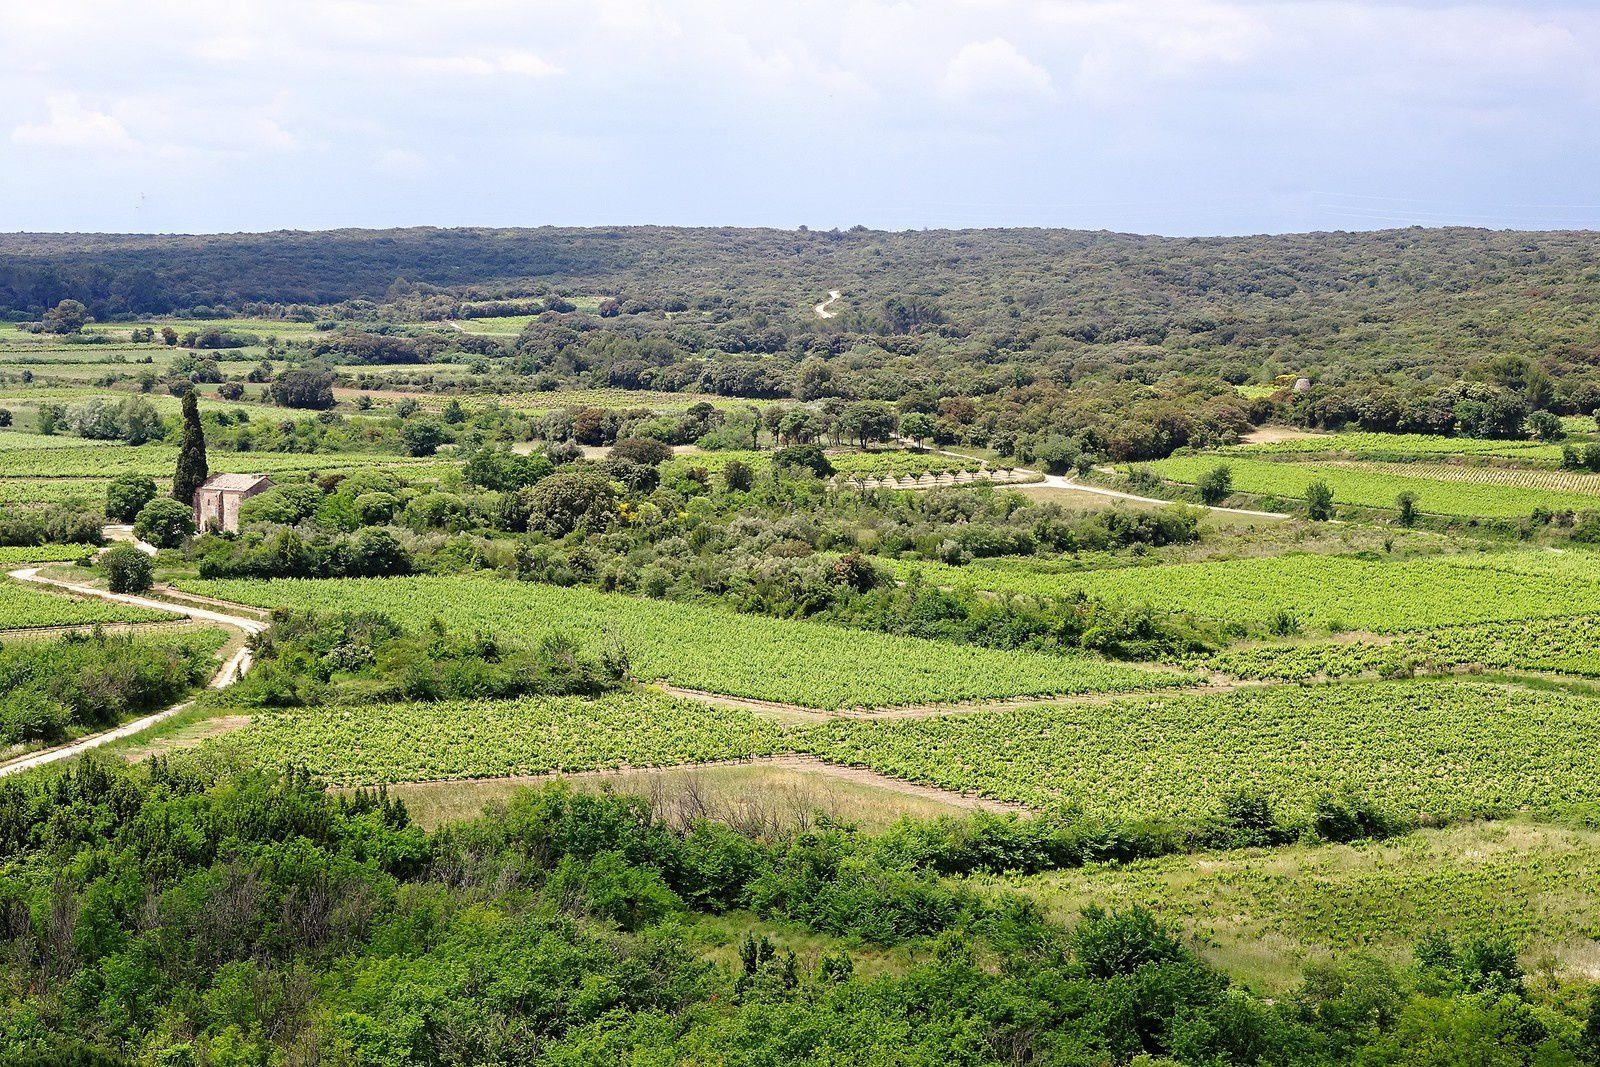 La campagne environnante.